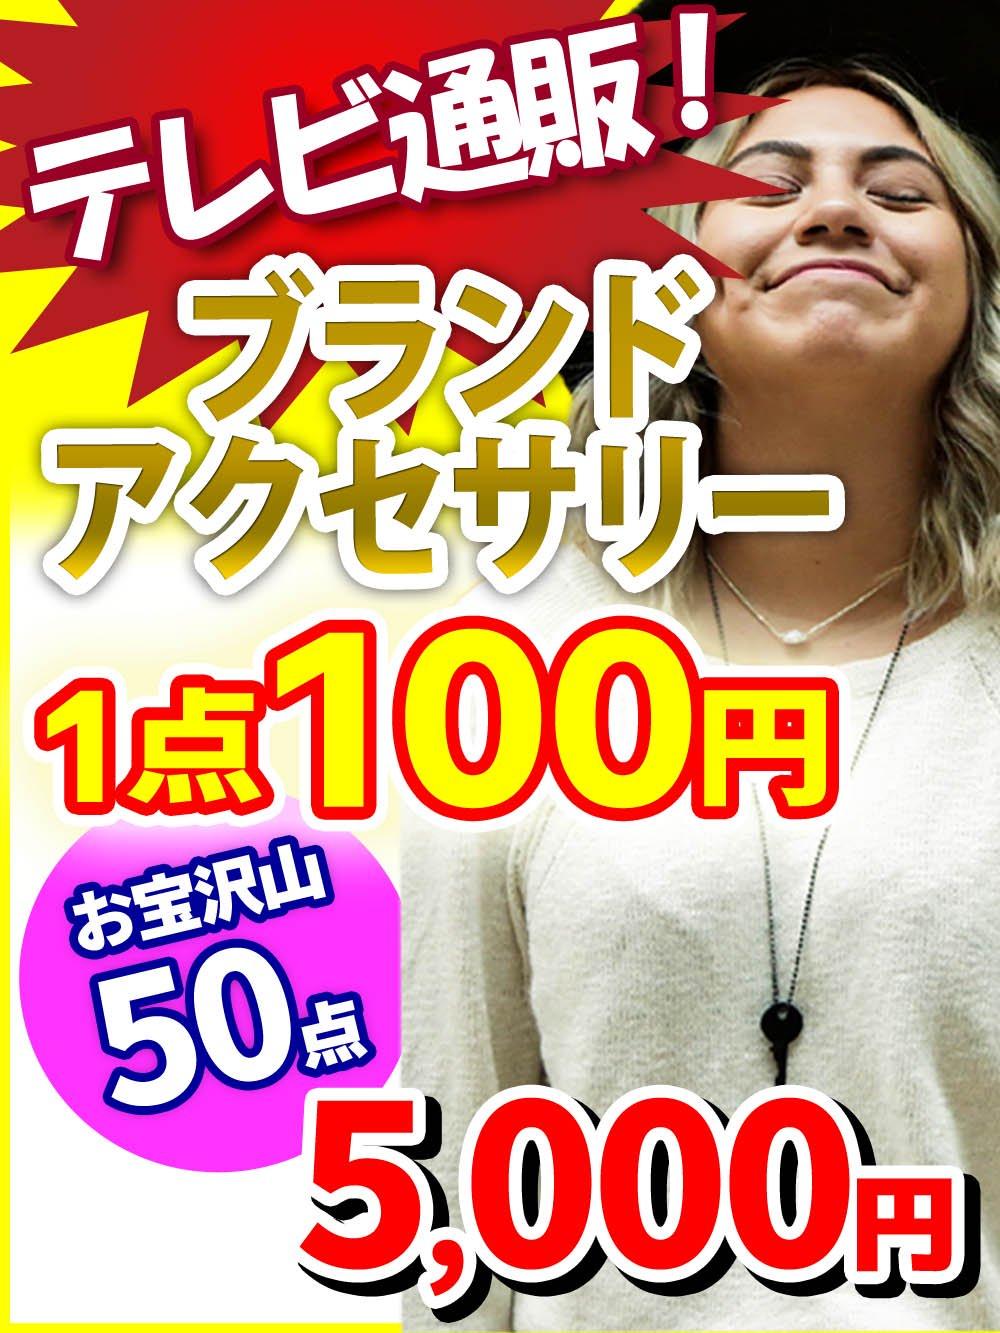 テレビ通販【ブランドアクセサリー】詰め合わせ50点@100